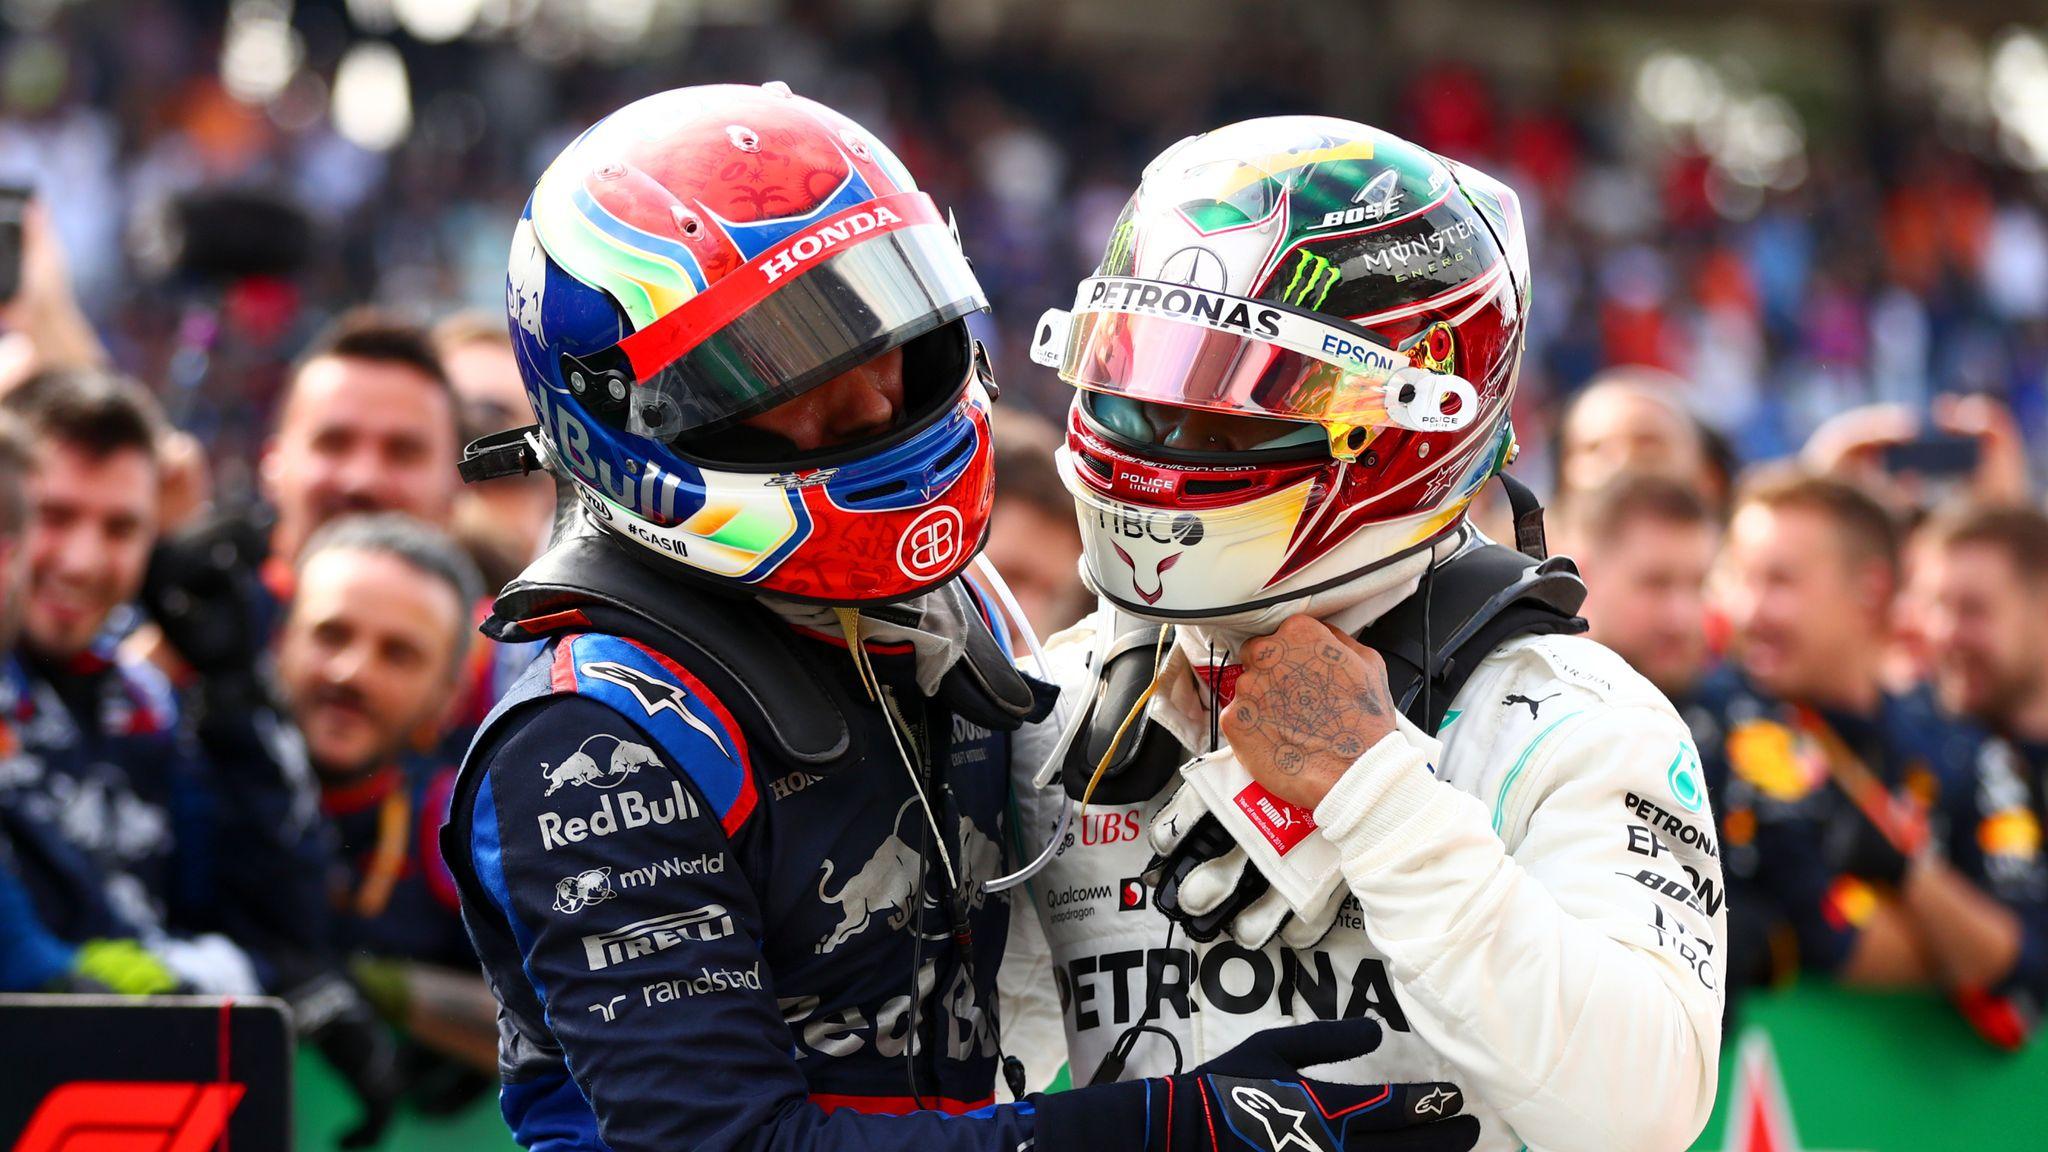 Lewis Hamilton's late Brazilian GP pit stop was 'dumb', admit Mercedes